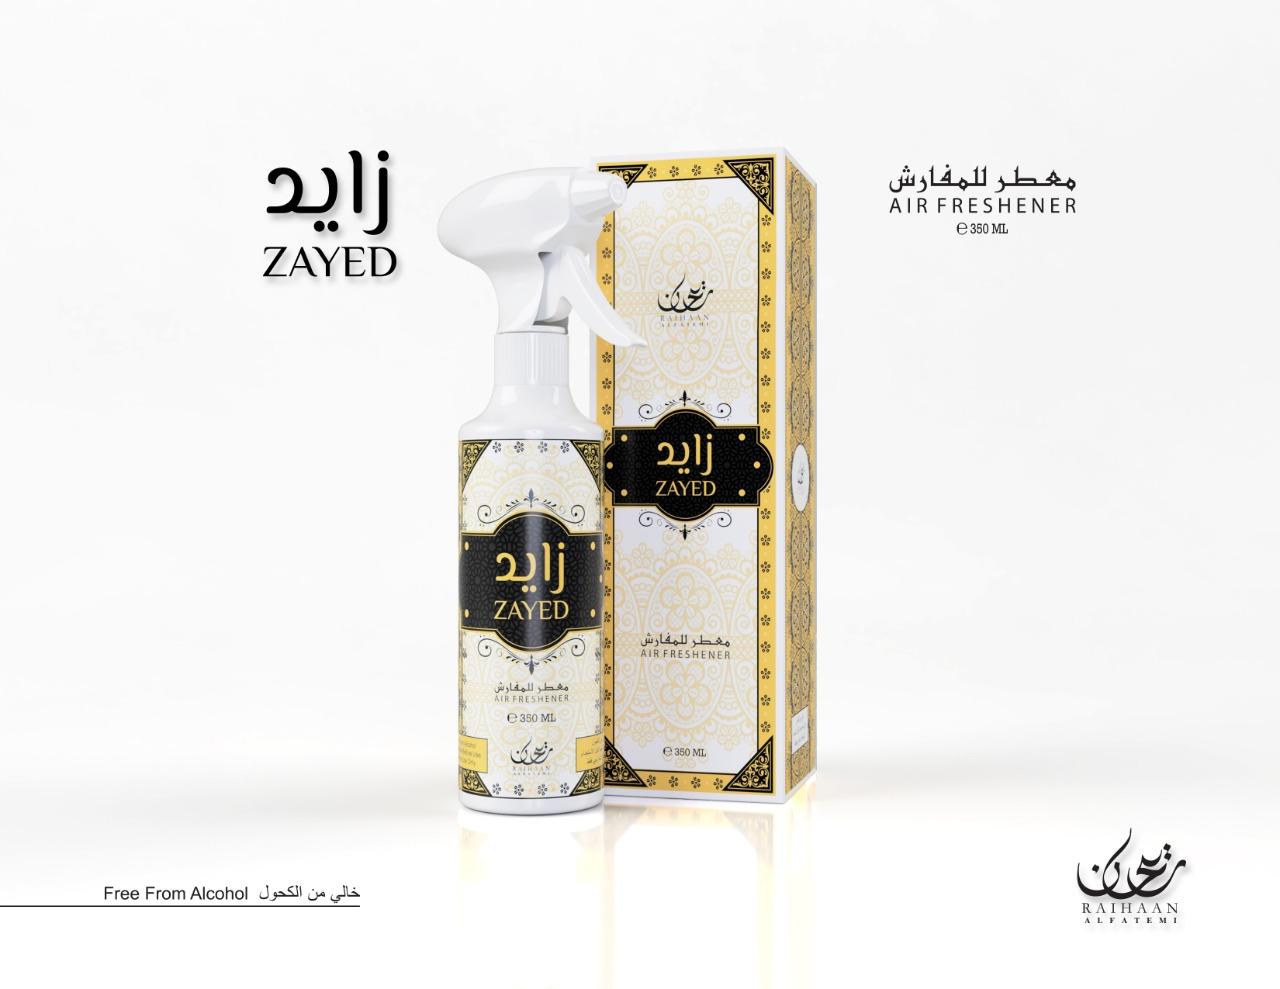 Spray d'intérieur Zayed de la maison de Parfumerie des émirats arabe unis Raihaan Al Fatemi une odeur orientale très agréable et originale. Contenance: 350ml.